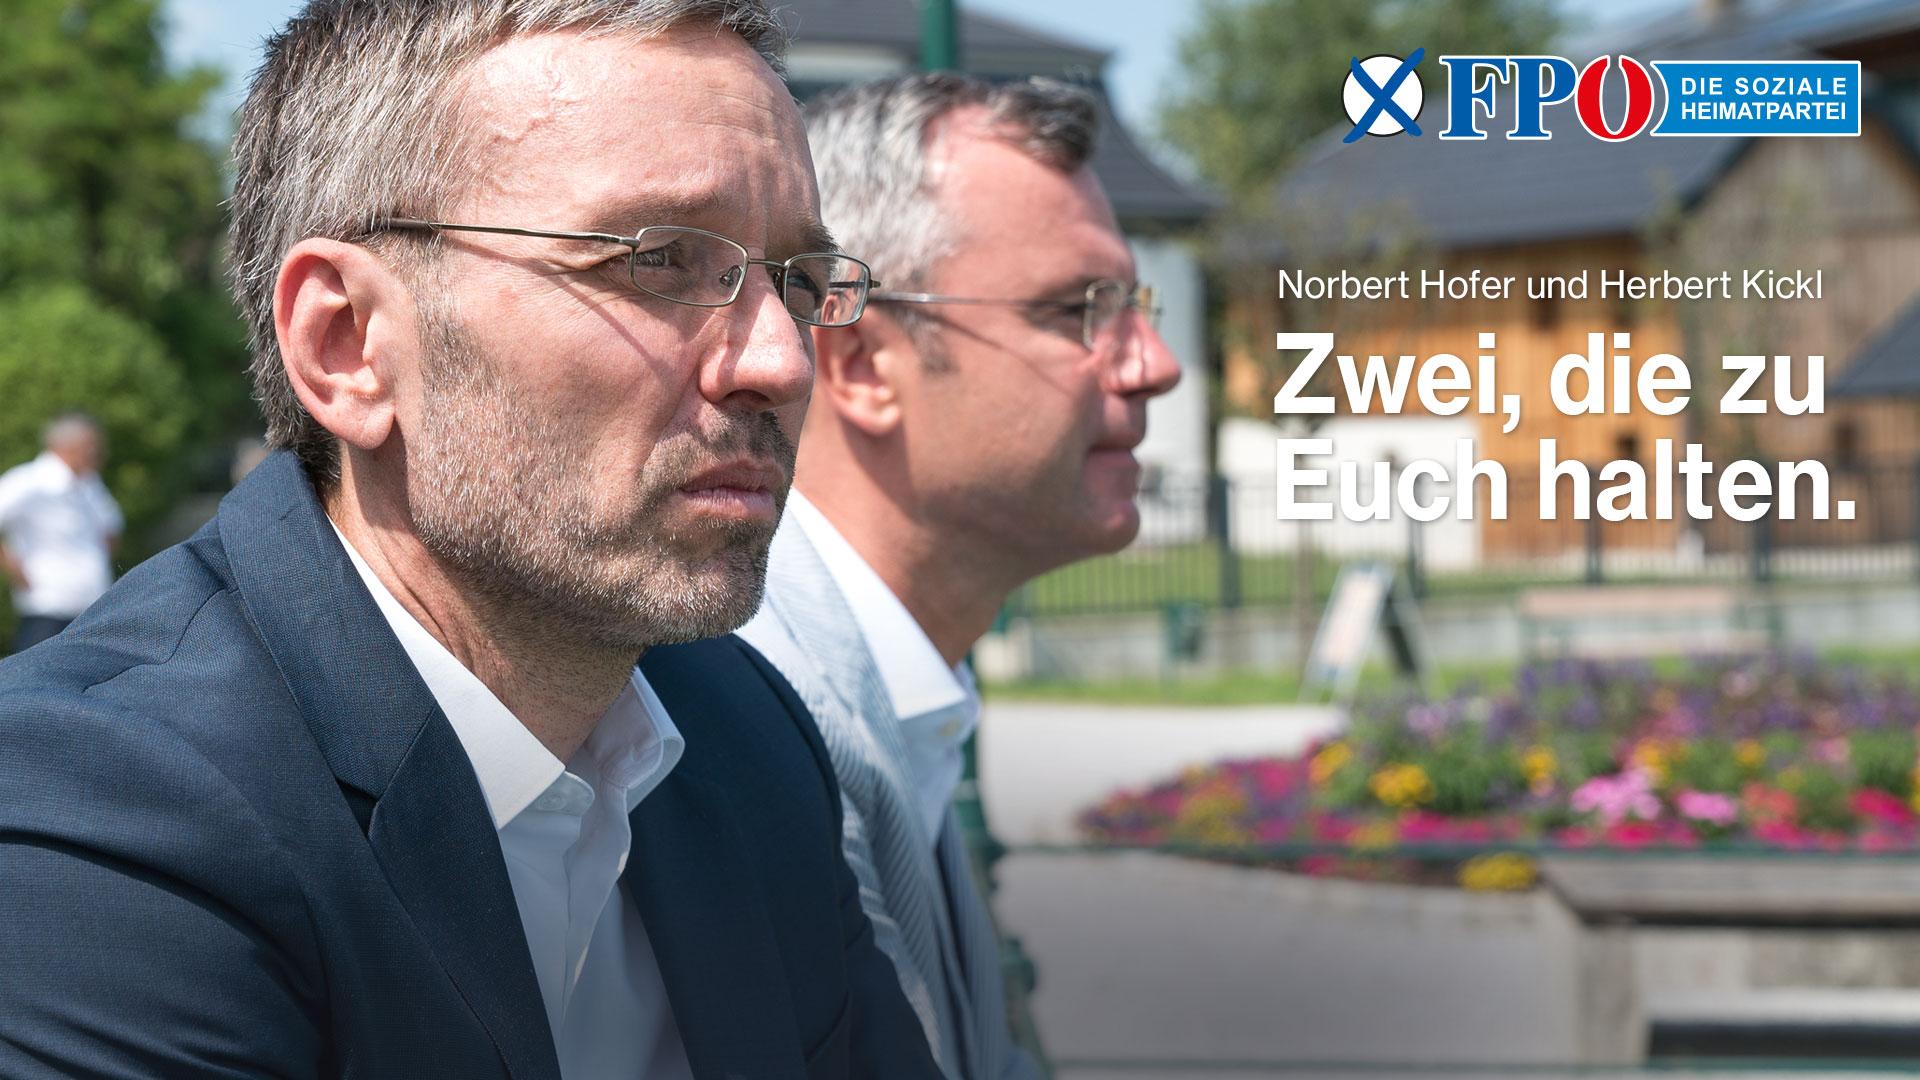 Wahlslogan 2019 der FPÖ: Zwei die zu euch halten